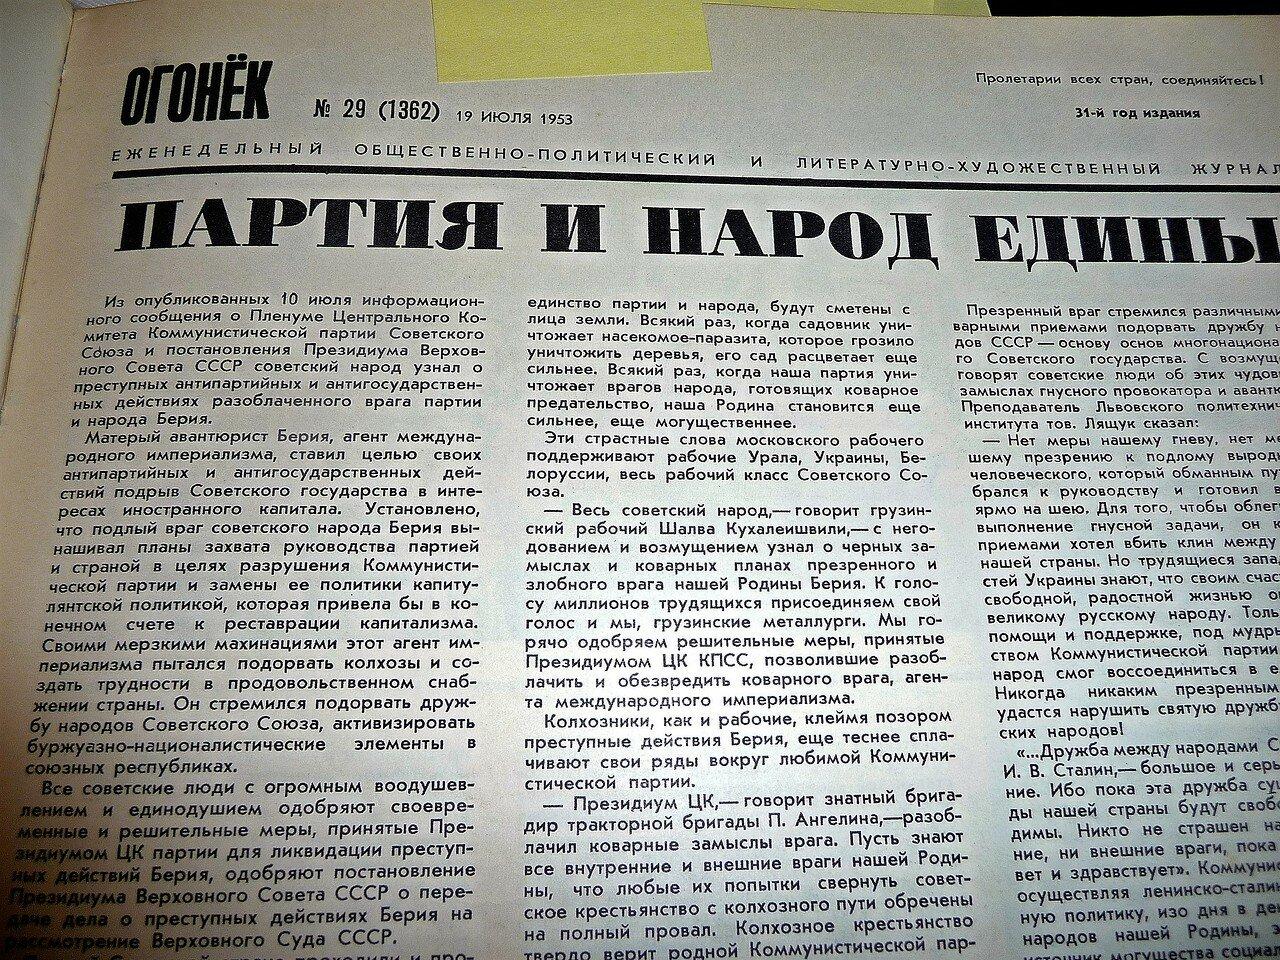 Огонёк, 1953 г.